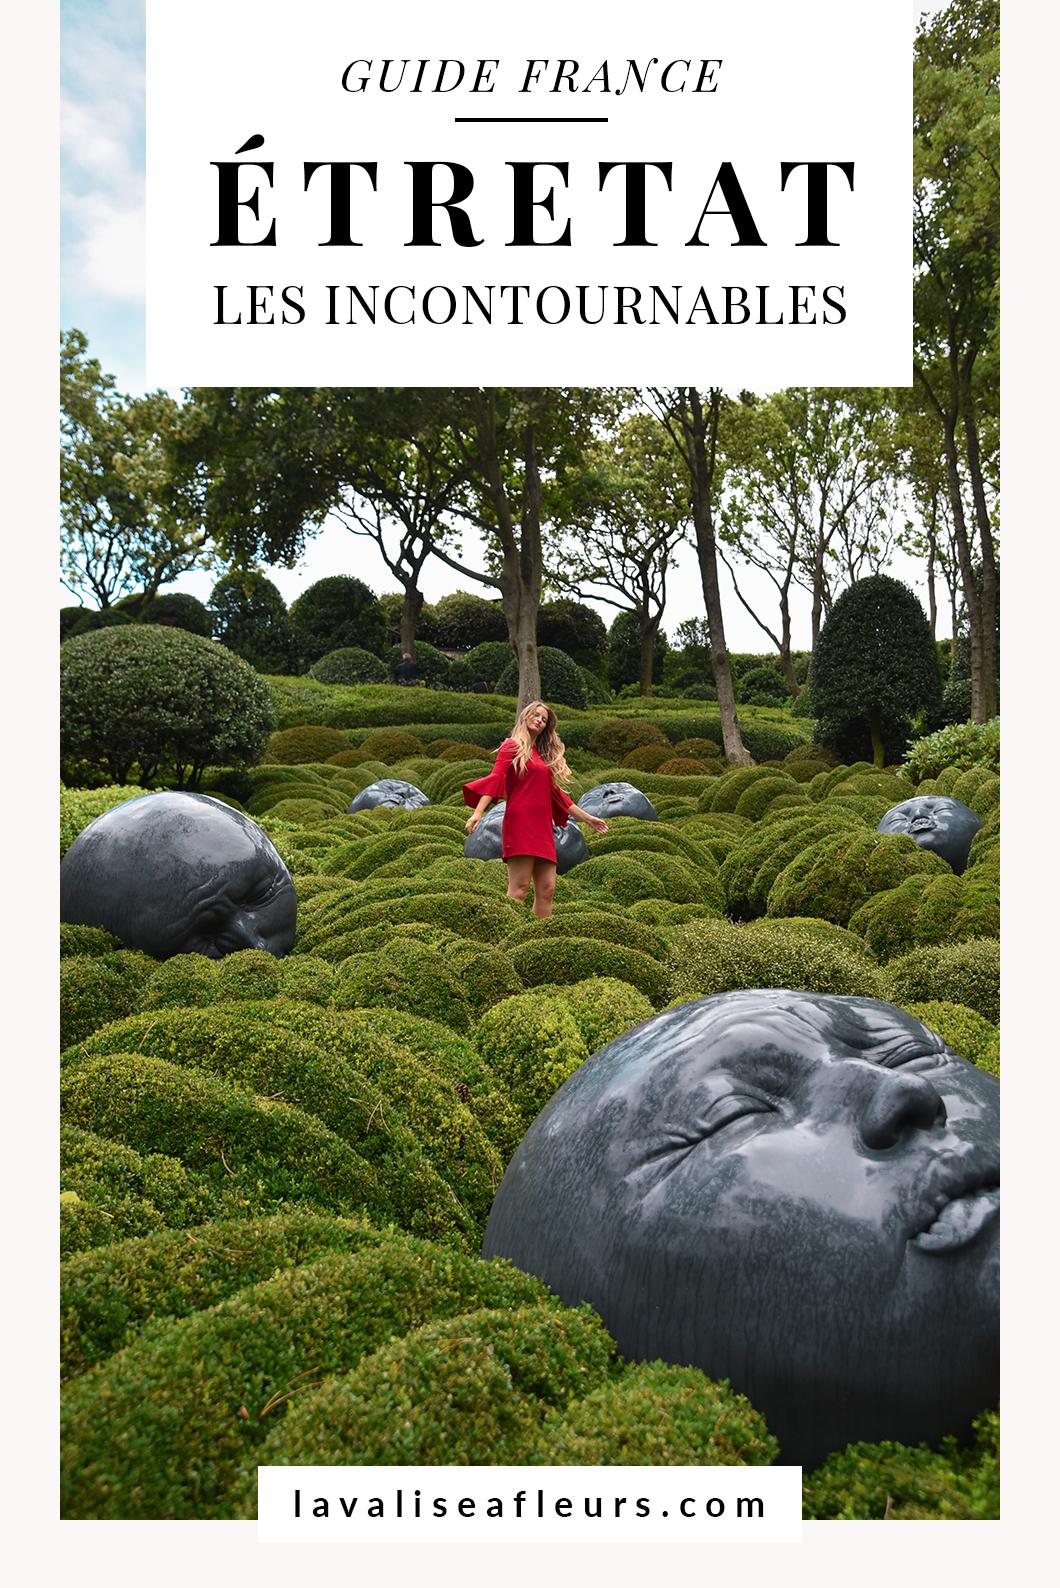 Les incontournables à Étretat guide en France